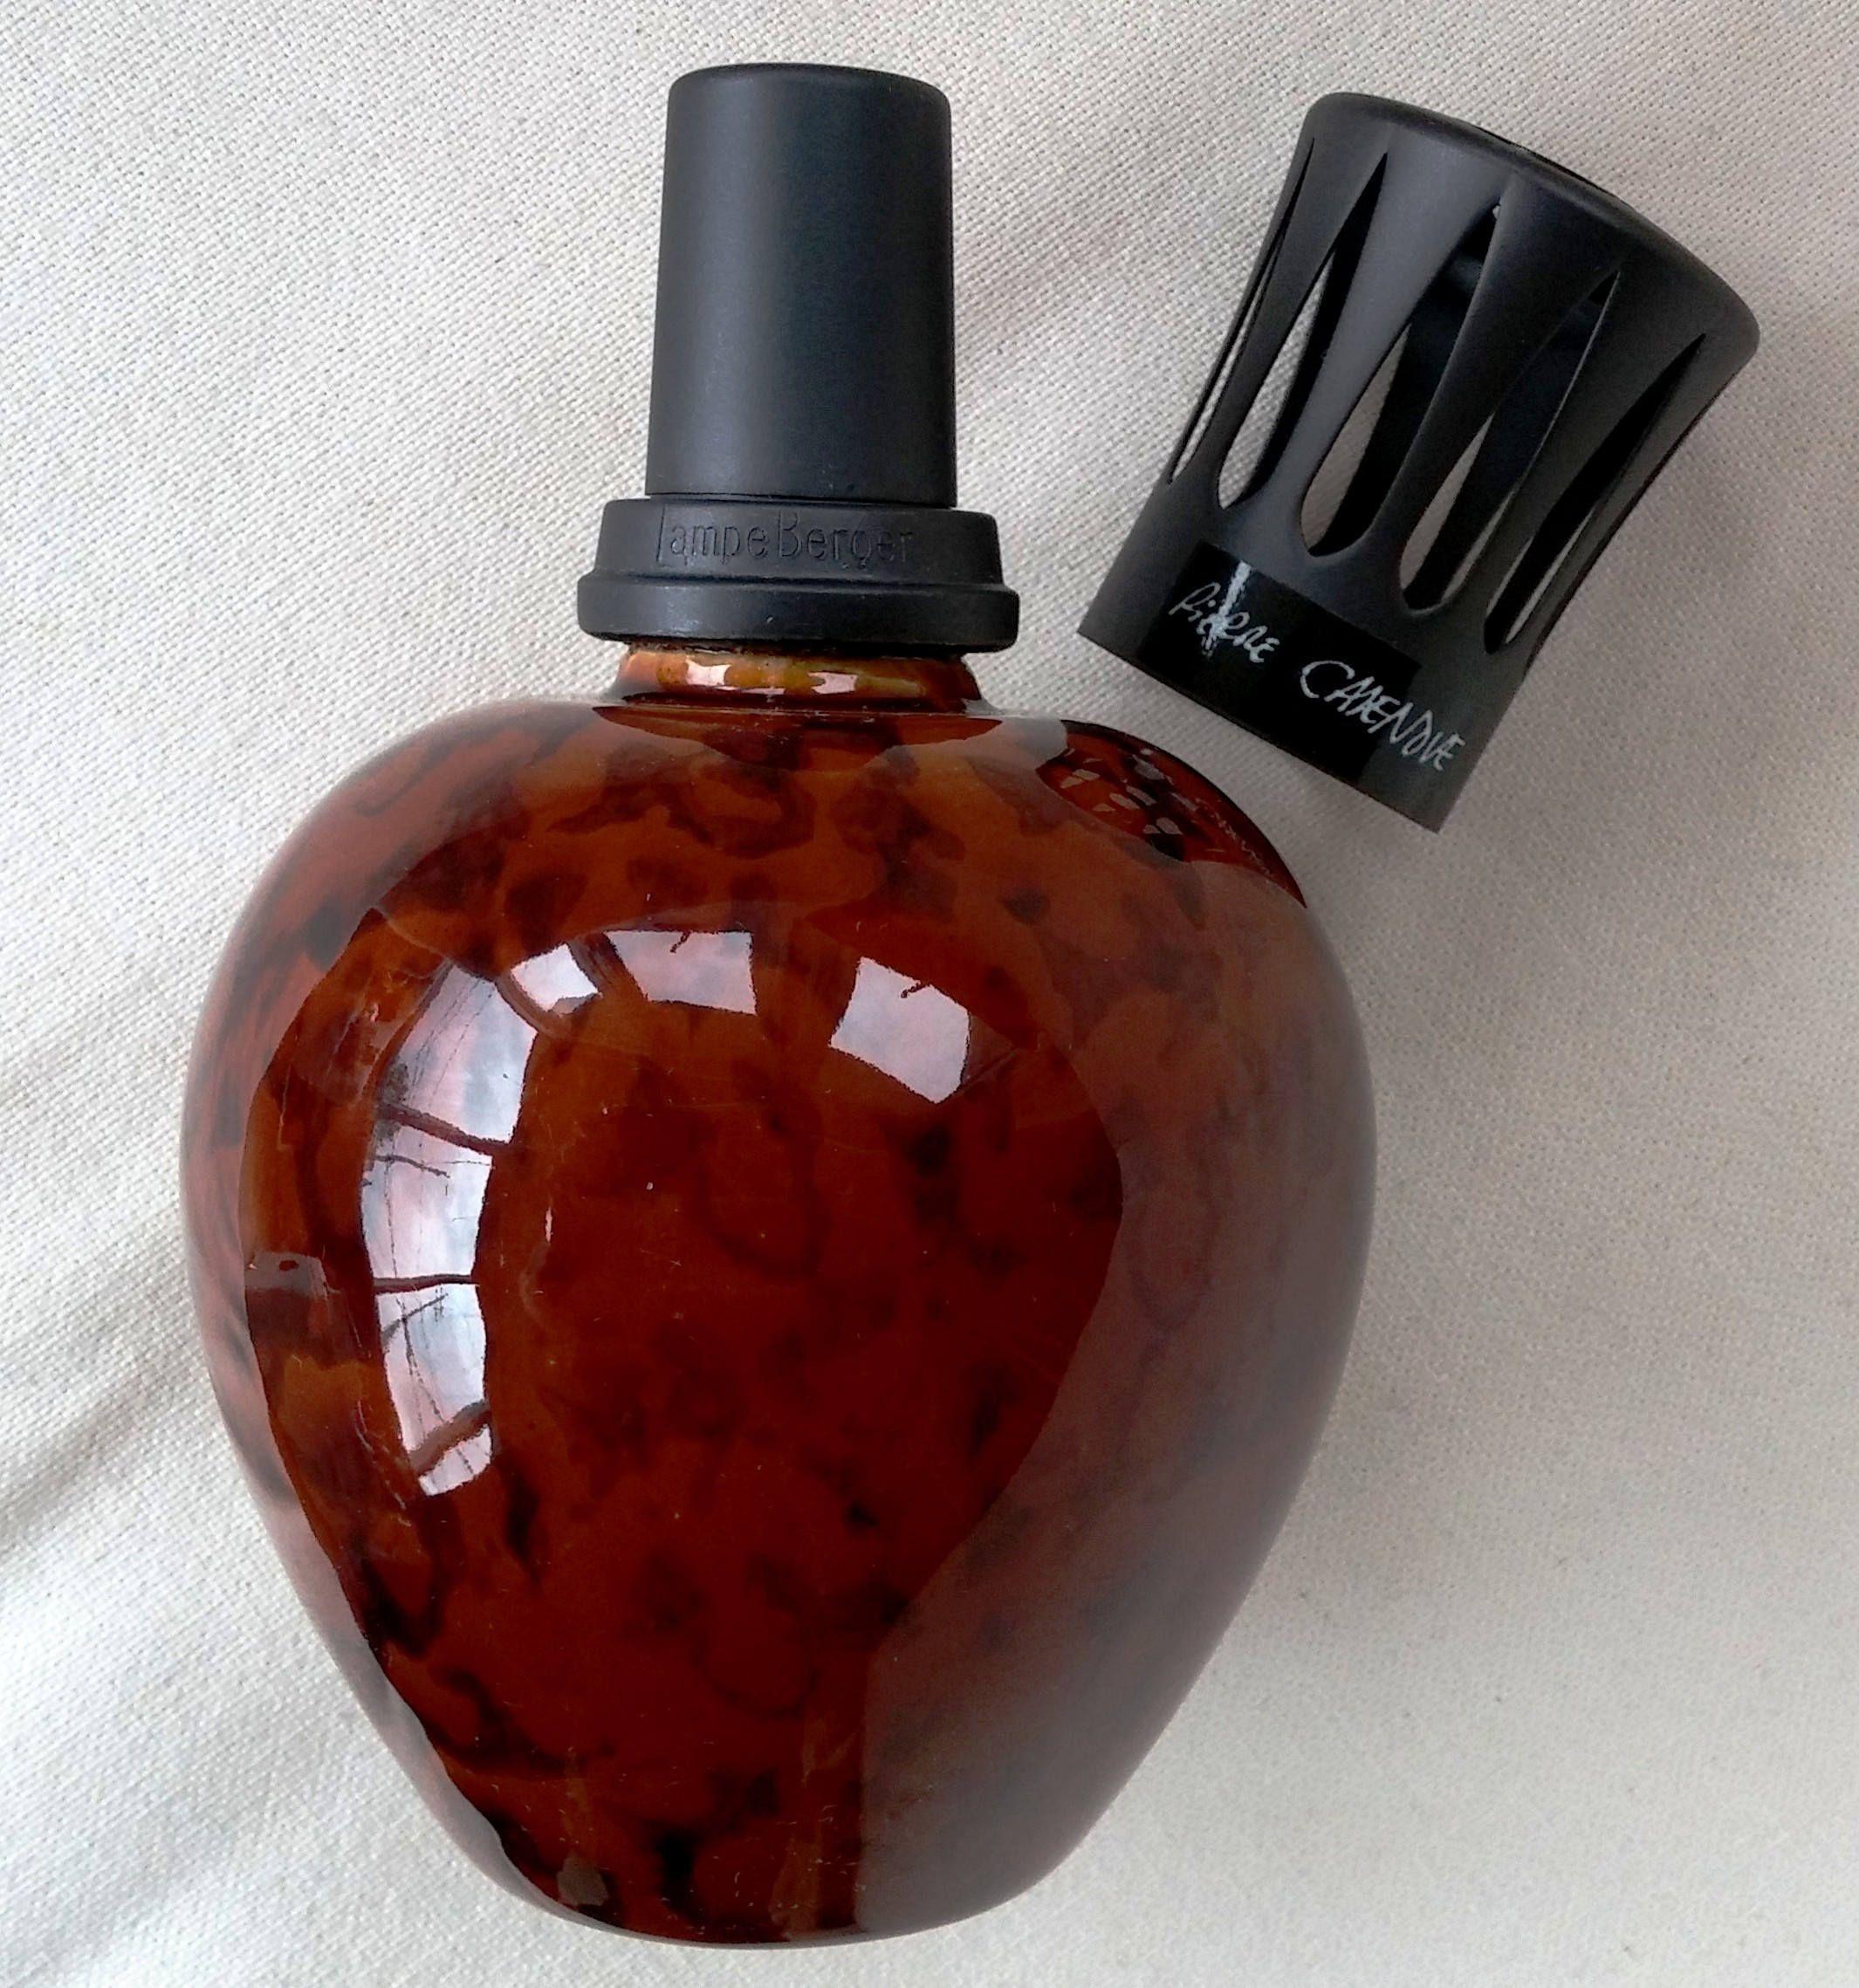 Lampe Berger Saint Clement 5151 Loupe D Orme Imitant L Aspect Du Bois Thuya Diffuseur Parfum Par Pierre Casenove Porcelaine Ma Perfume Bottles Fragrance Alae